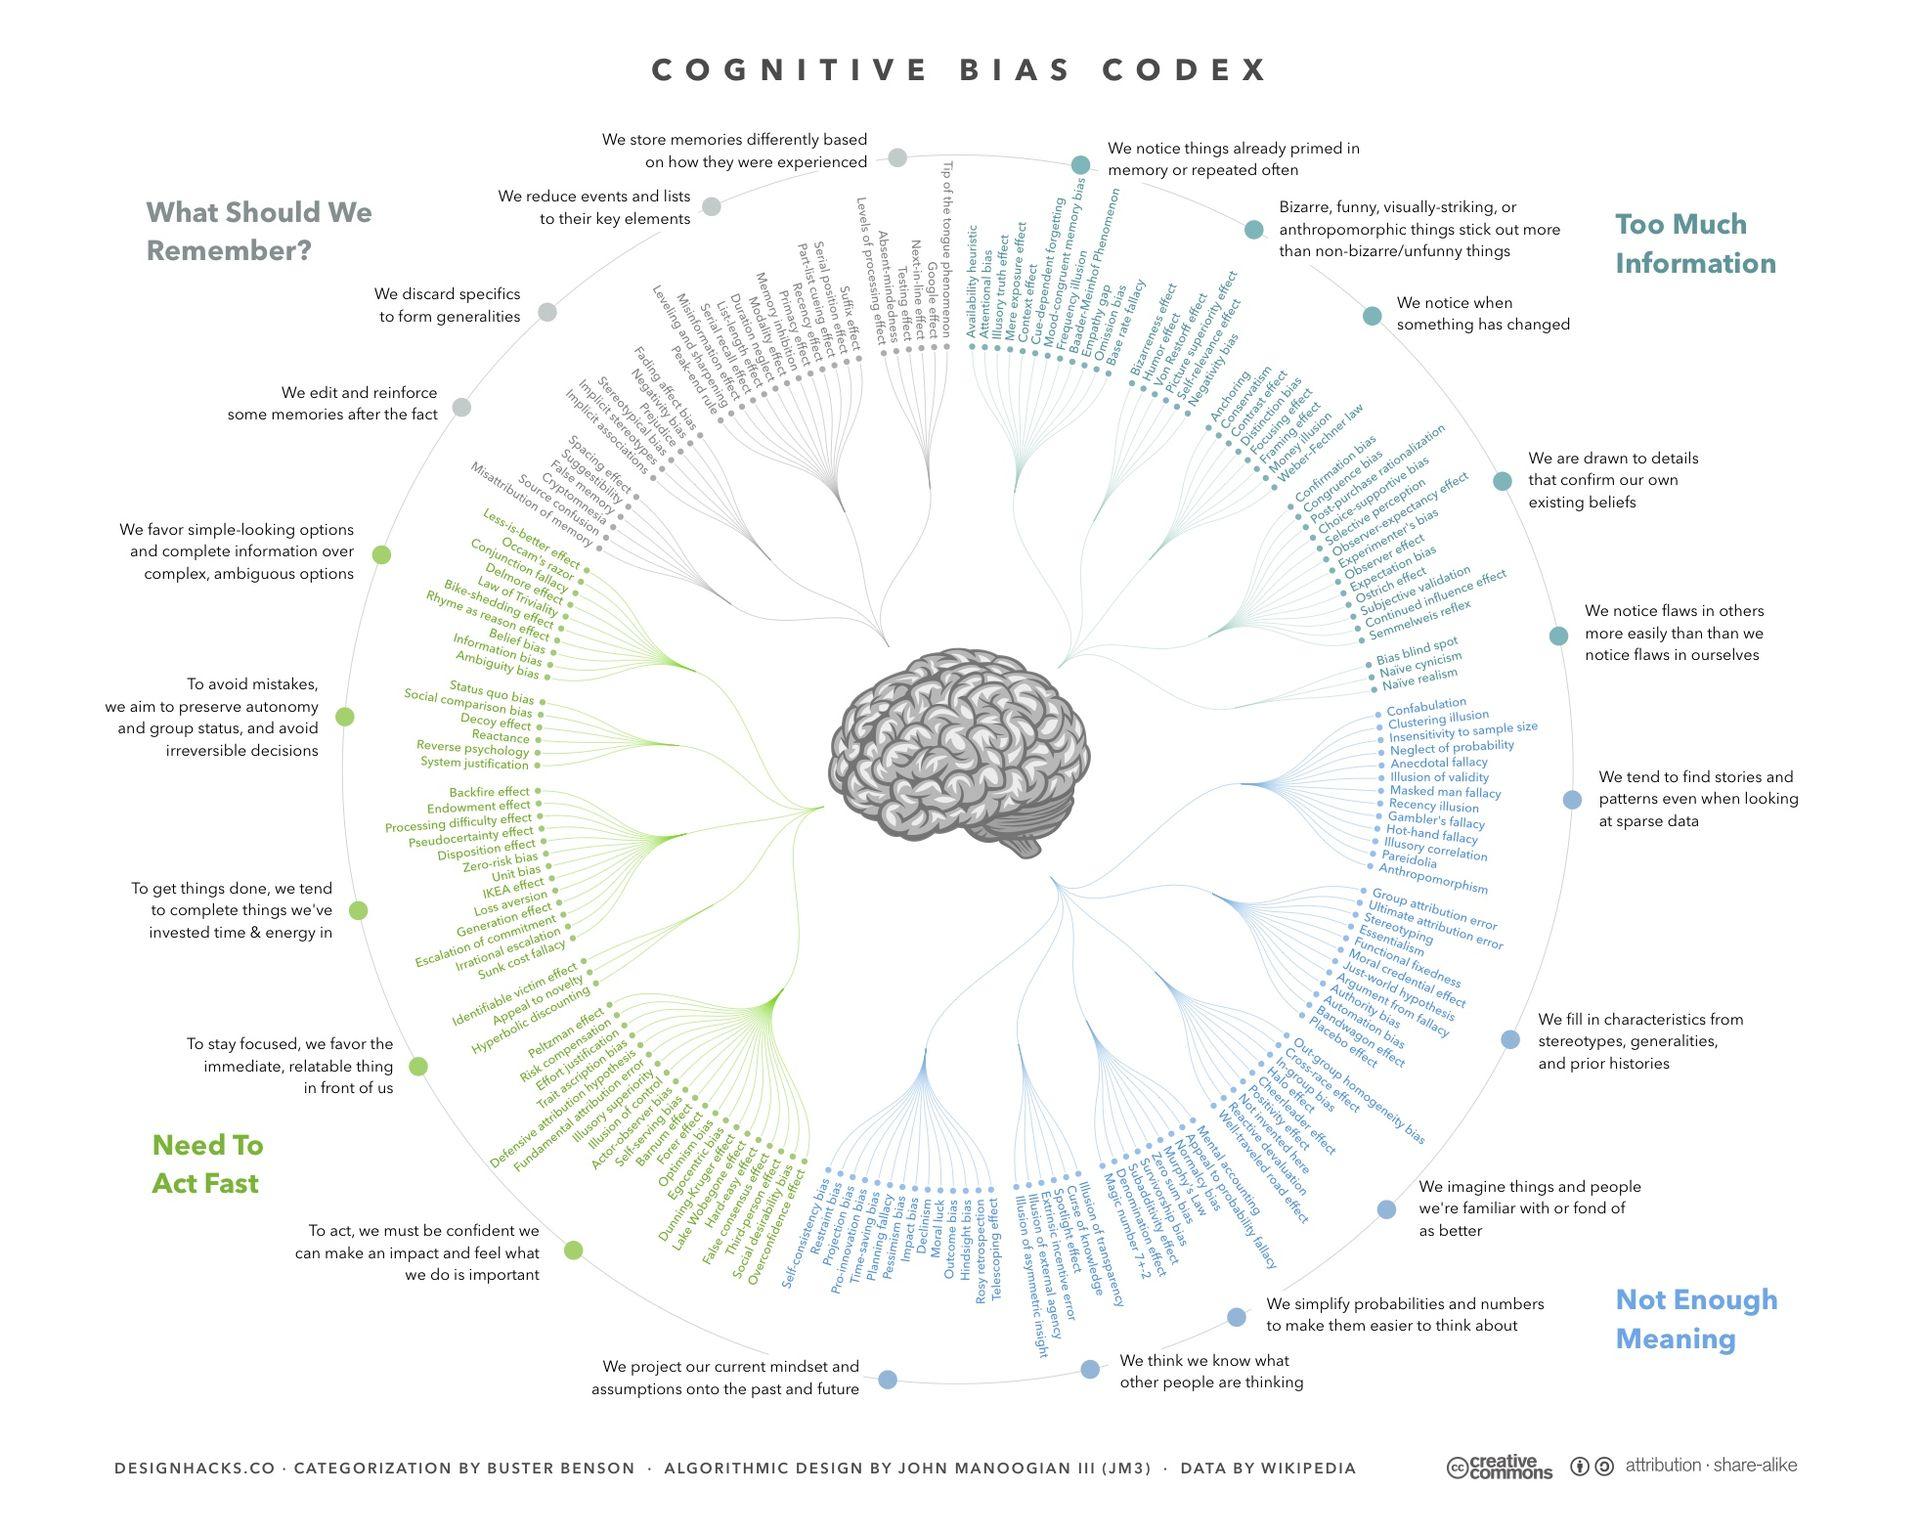 Rozhodovanie - kognitívne omyly